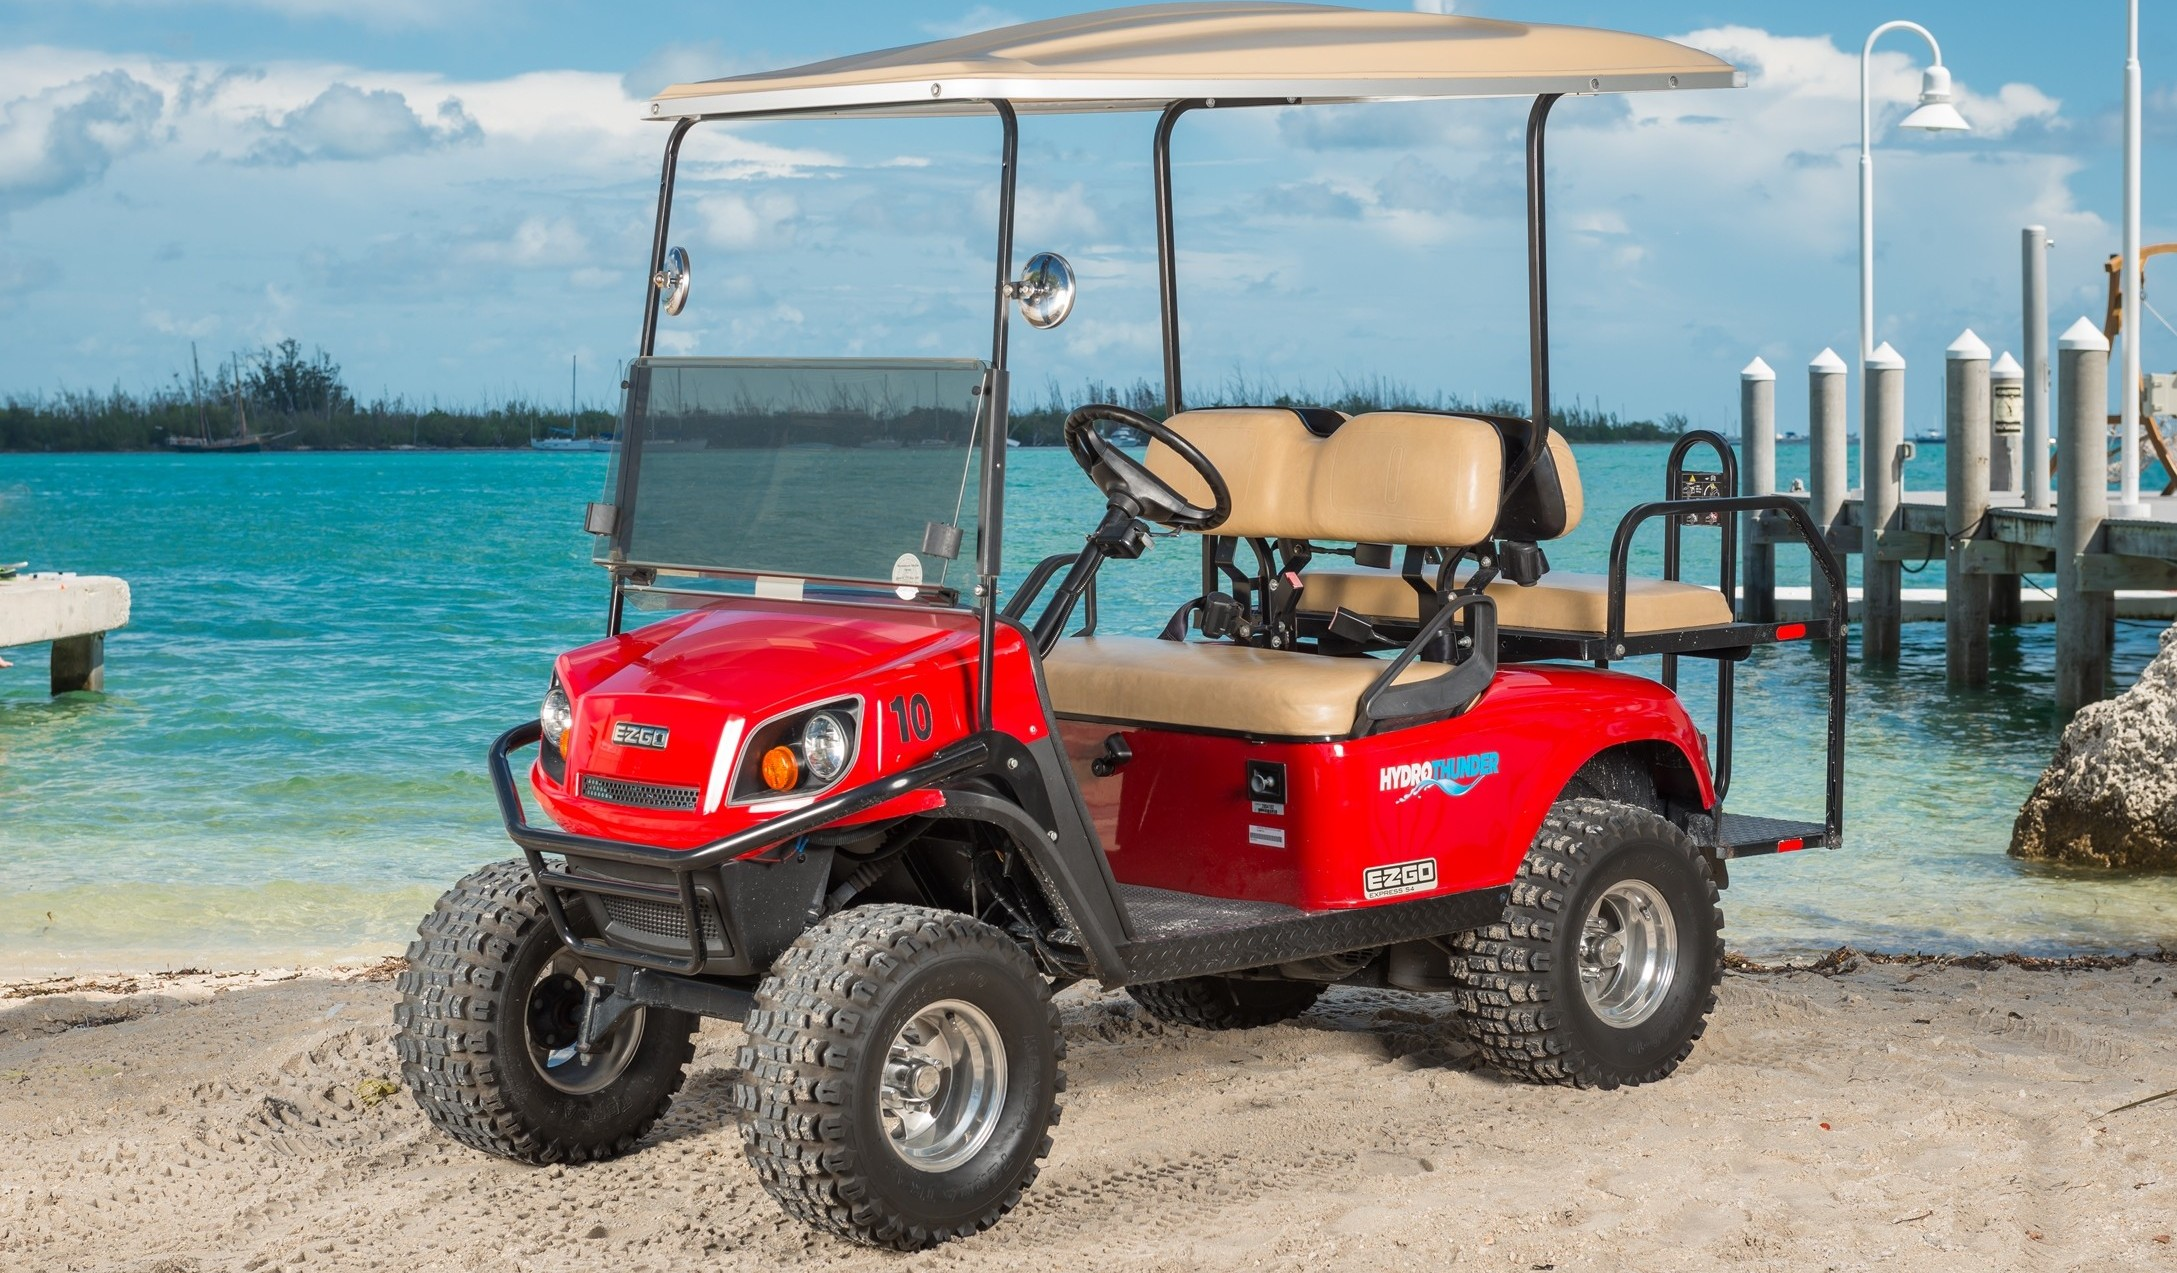 Car Rental Panama City Florida Trend Home Design And Decor Car Rental Panama City Beach Fl | Trend Home Design And Decor